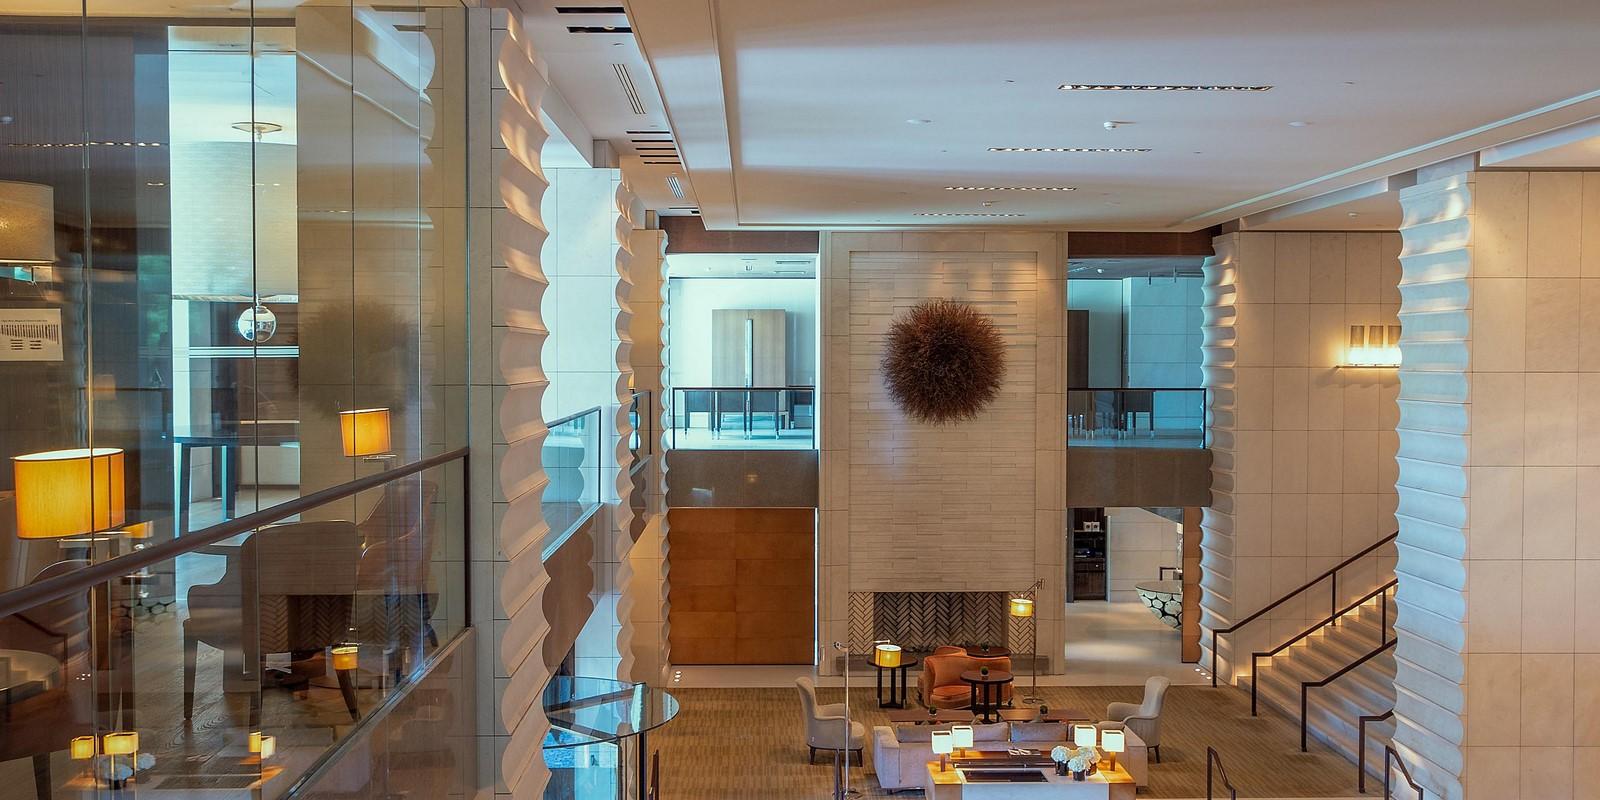 Intercontinental Hotel, Geneva - Sheet1